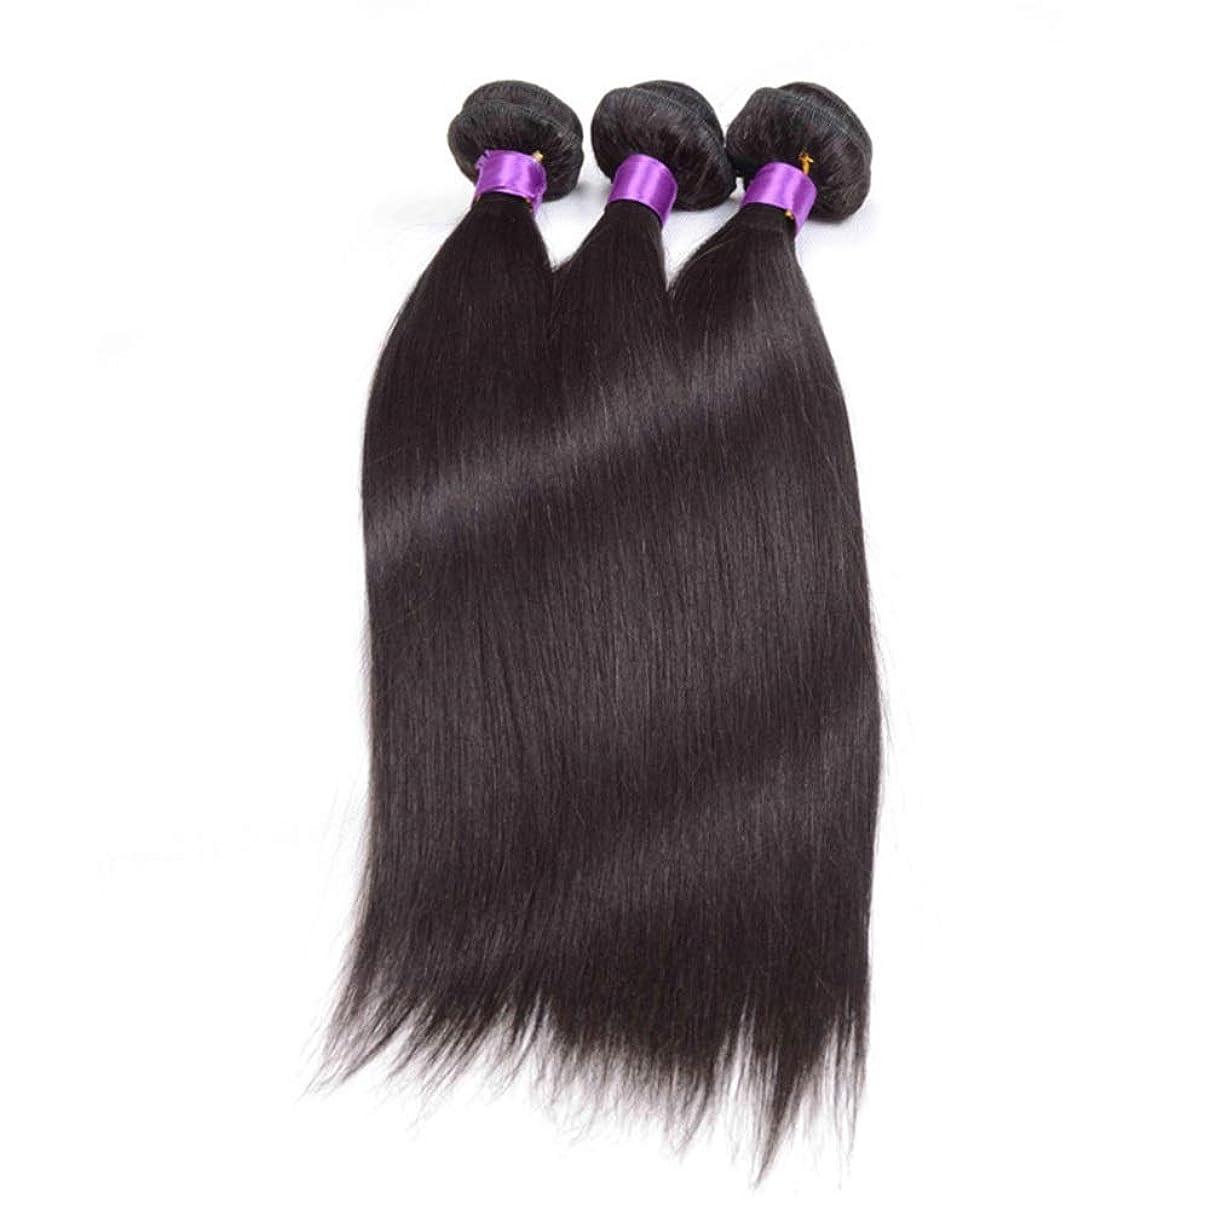 スポークスマン溶けた隣接HOHYLLYA ブラジルのストレート人間の髪の毛の束シルキーストレート100%人毛の織り方エクステンションナチュラルブラック複合ヘアレースかつらロールプレイングかつら (色 : 黒, サイズ : 20 inch)